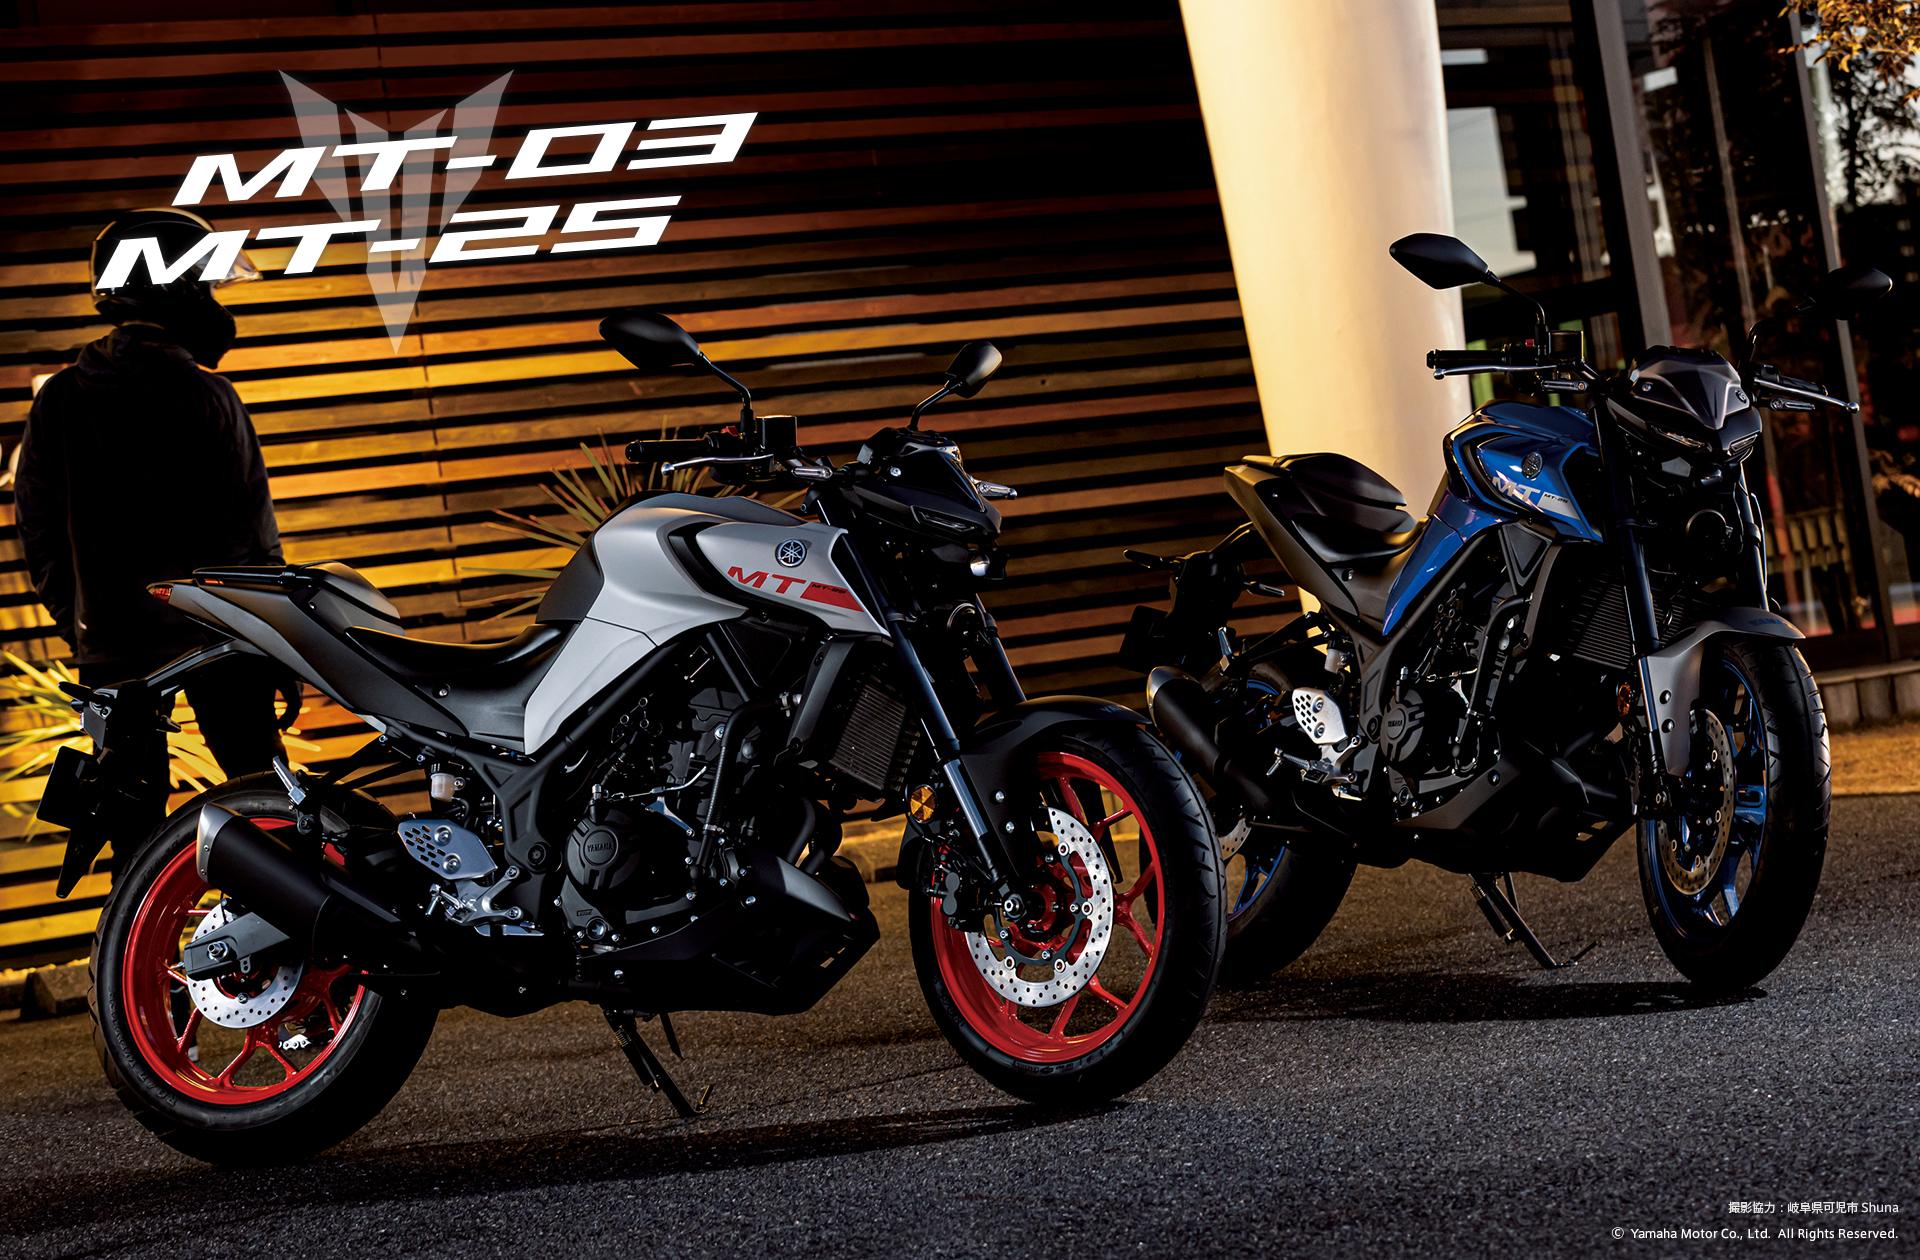 フォトライブラリー Mt 03 Mt 25 バイク スクーター ヤマハ発動機